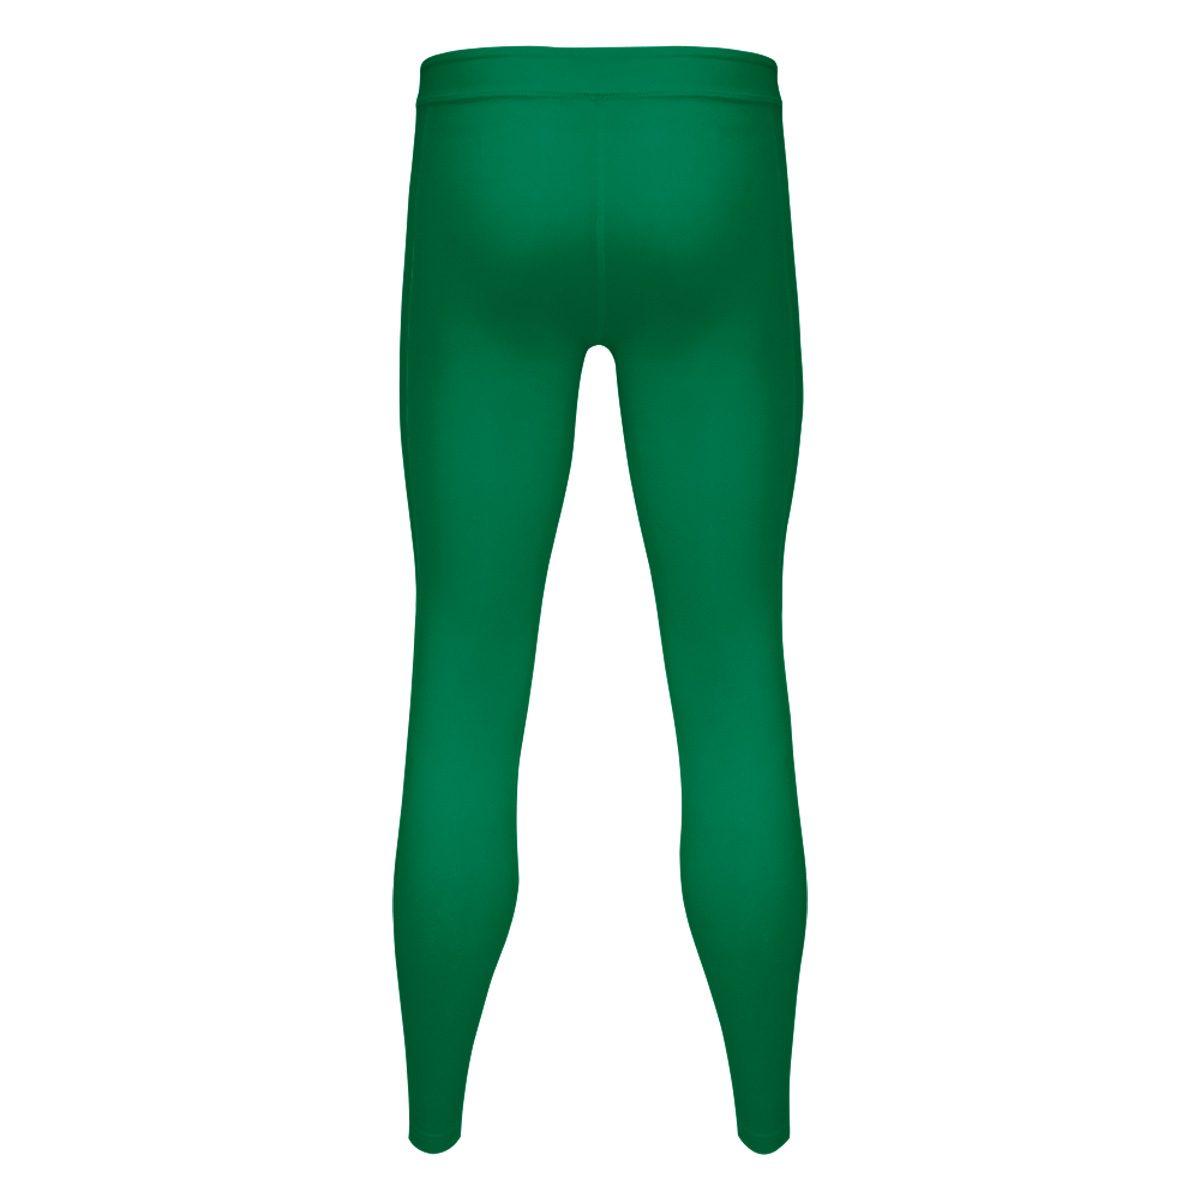 406727942e Ladies Compression Tights - Emerald Green - Blackchrome